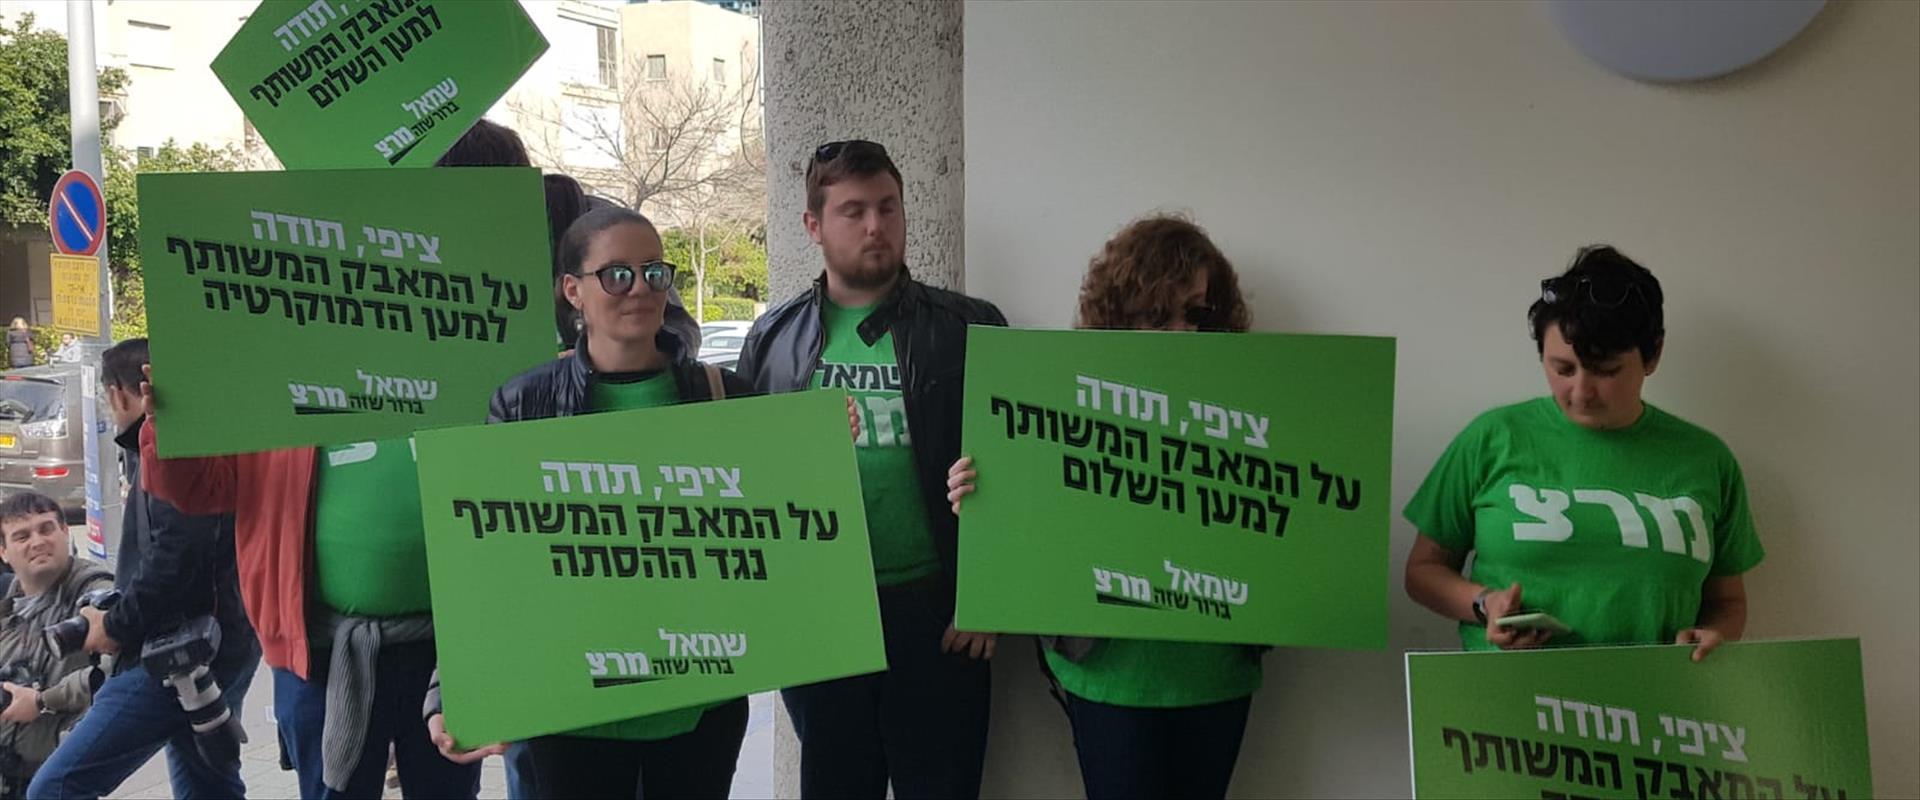 פעילי מרצ תומכים בציפי לבני